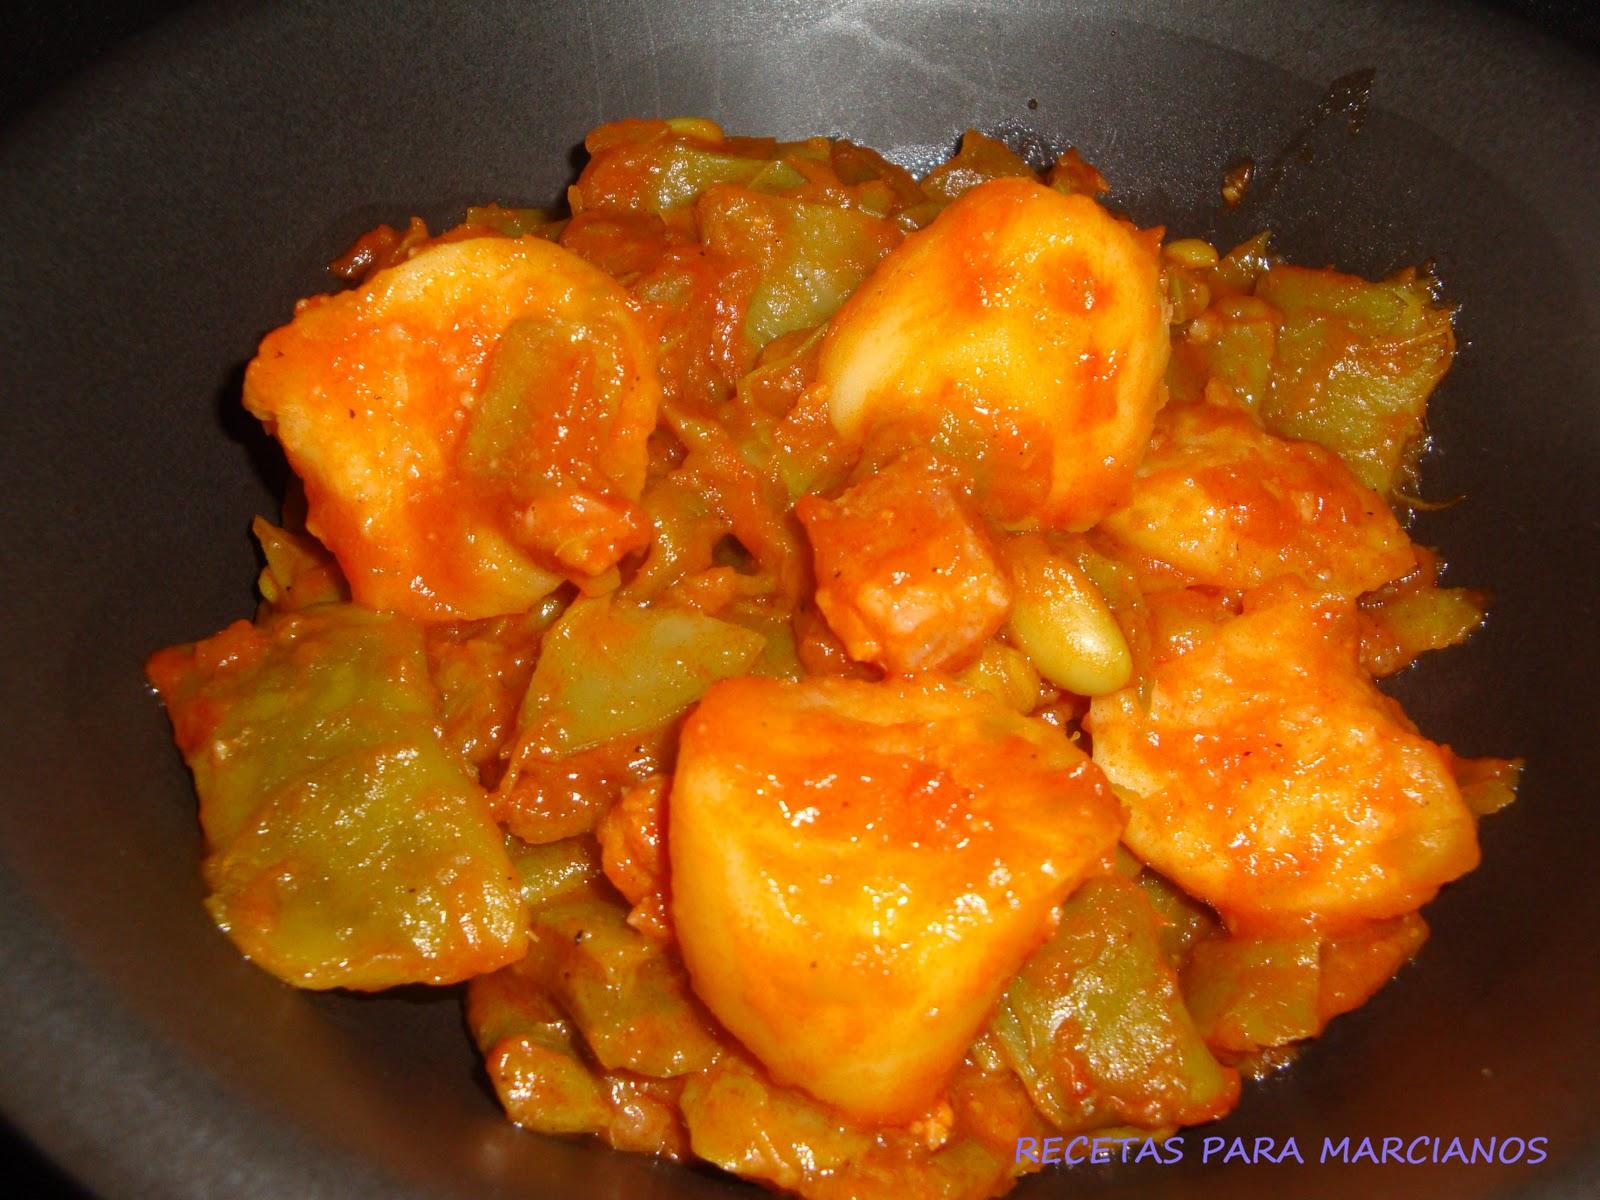 Jud as verdes con patata recetas para marcianos - Como hacer judias verdes ...